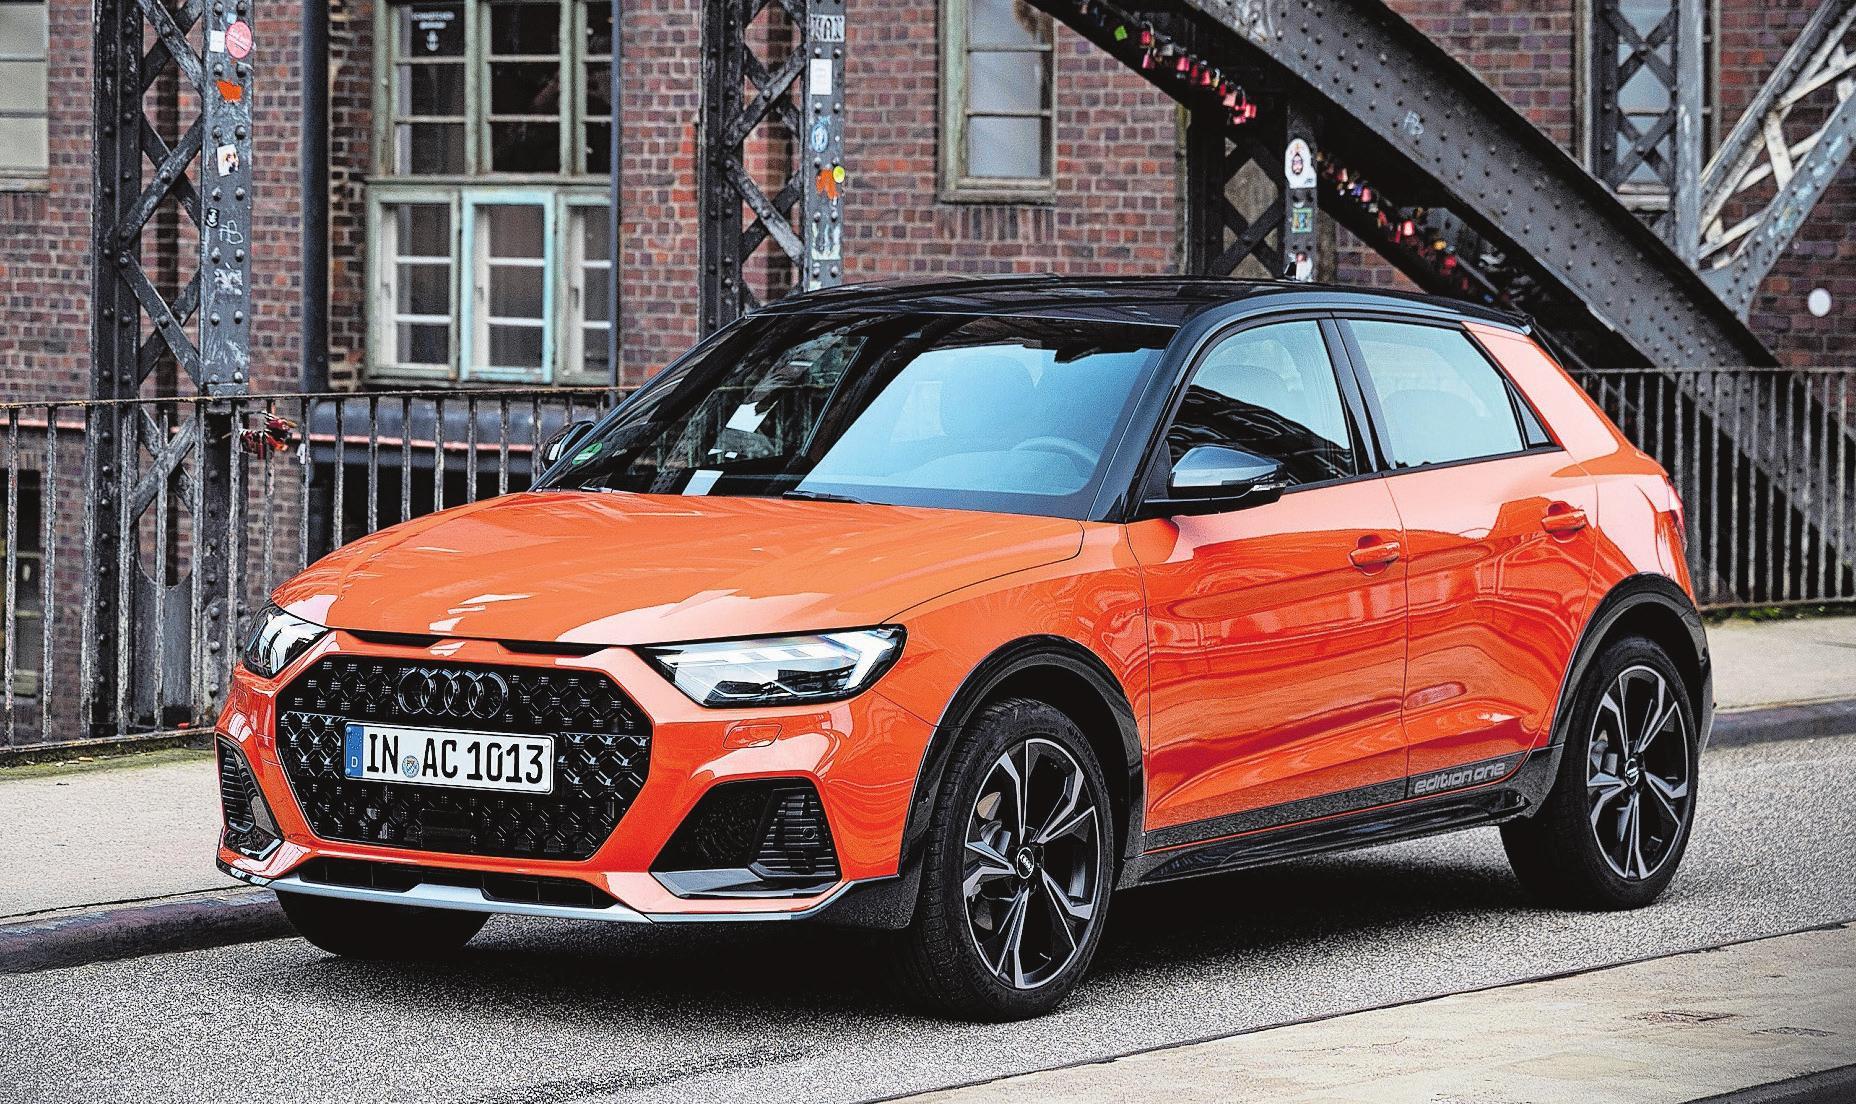 Neben Offroad-Beplankung bekommt der Audi A1 Citycarver auch eine höher gelegte Karosserie spendiert. Bilder: PD